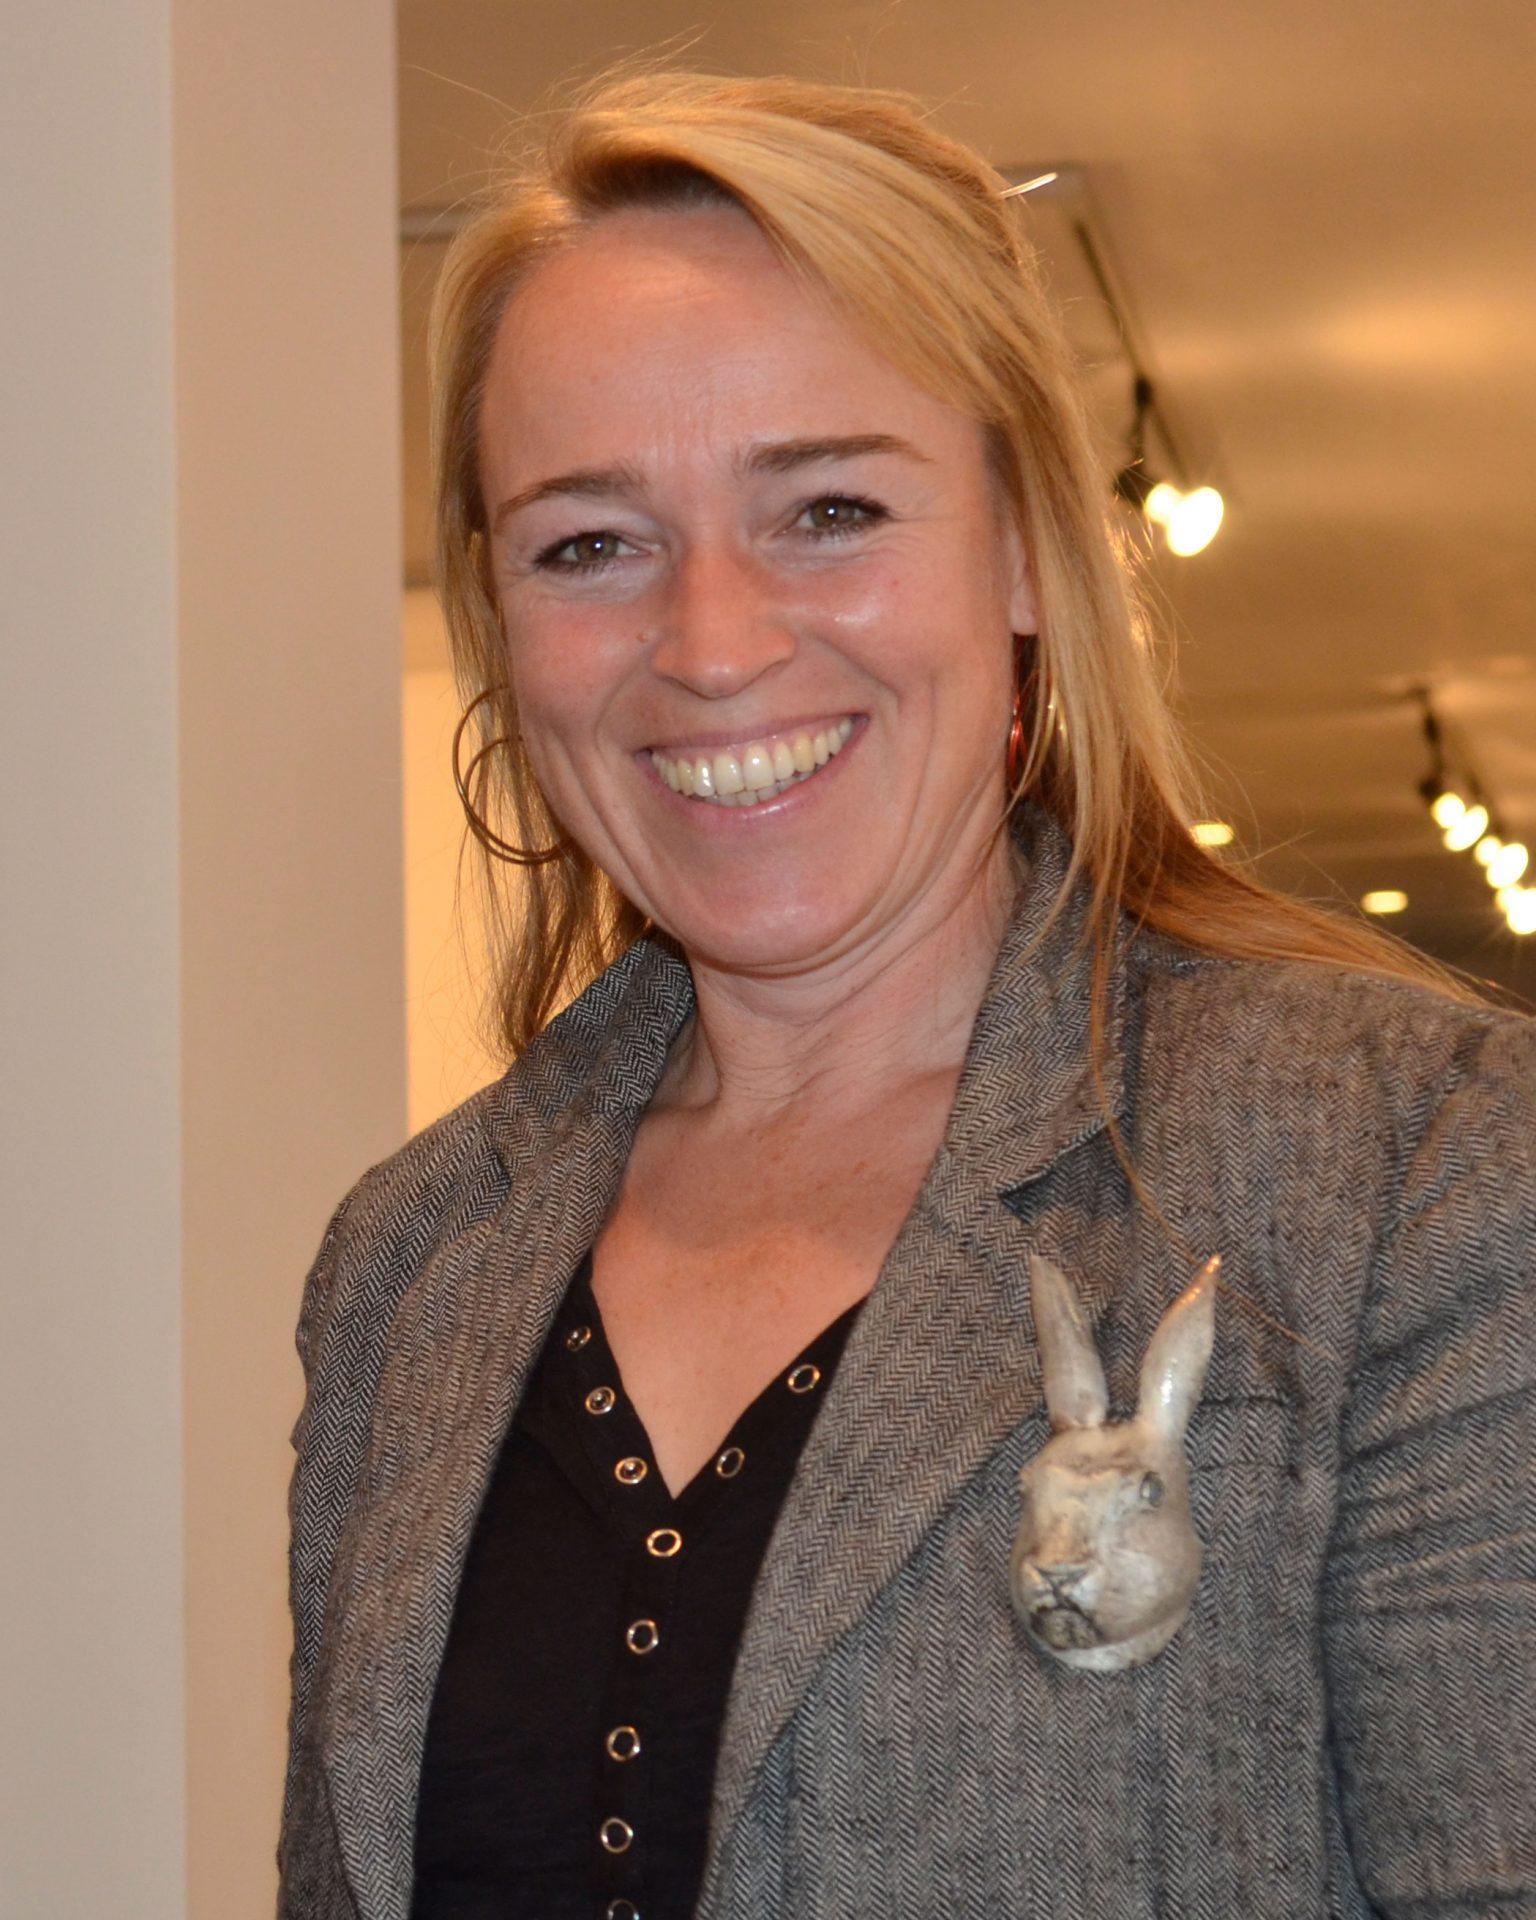 Andrea Wippermann, 2012